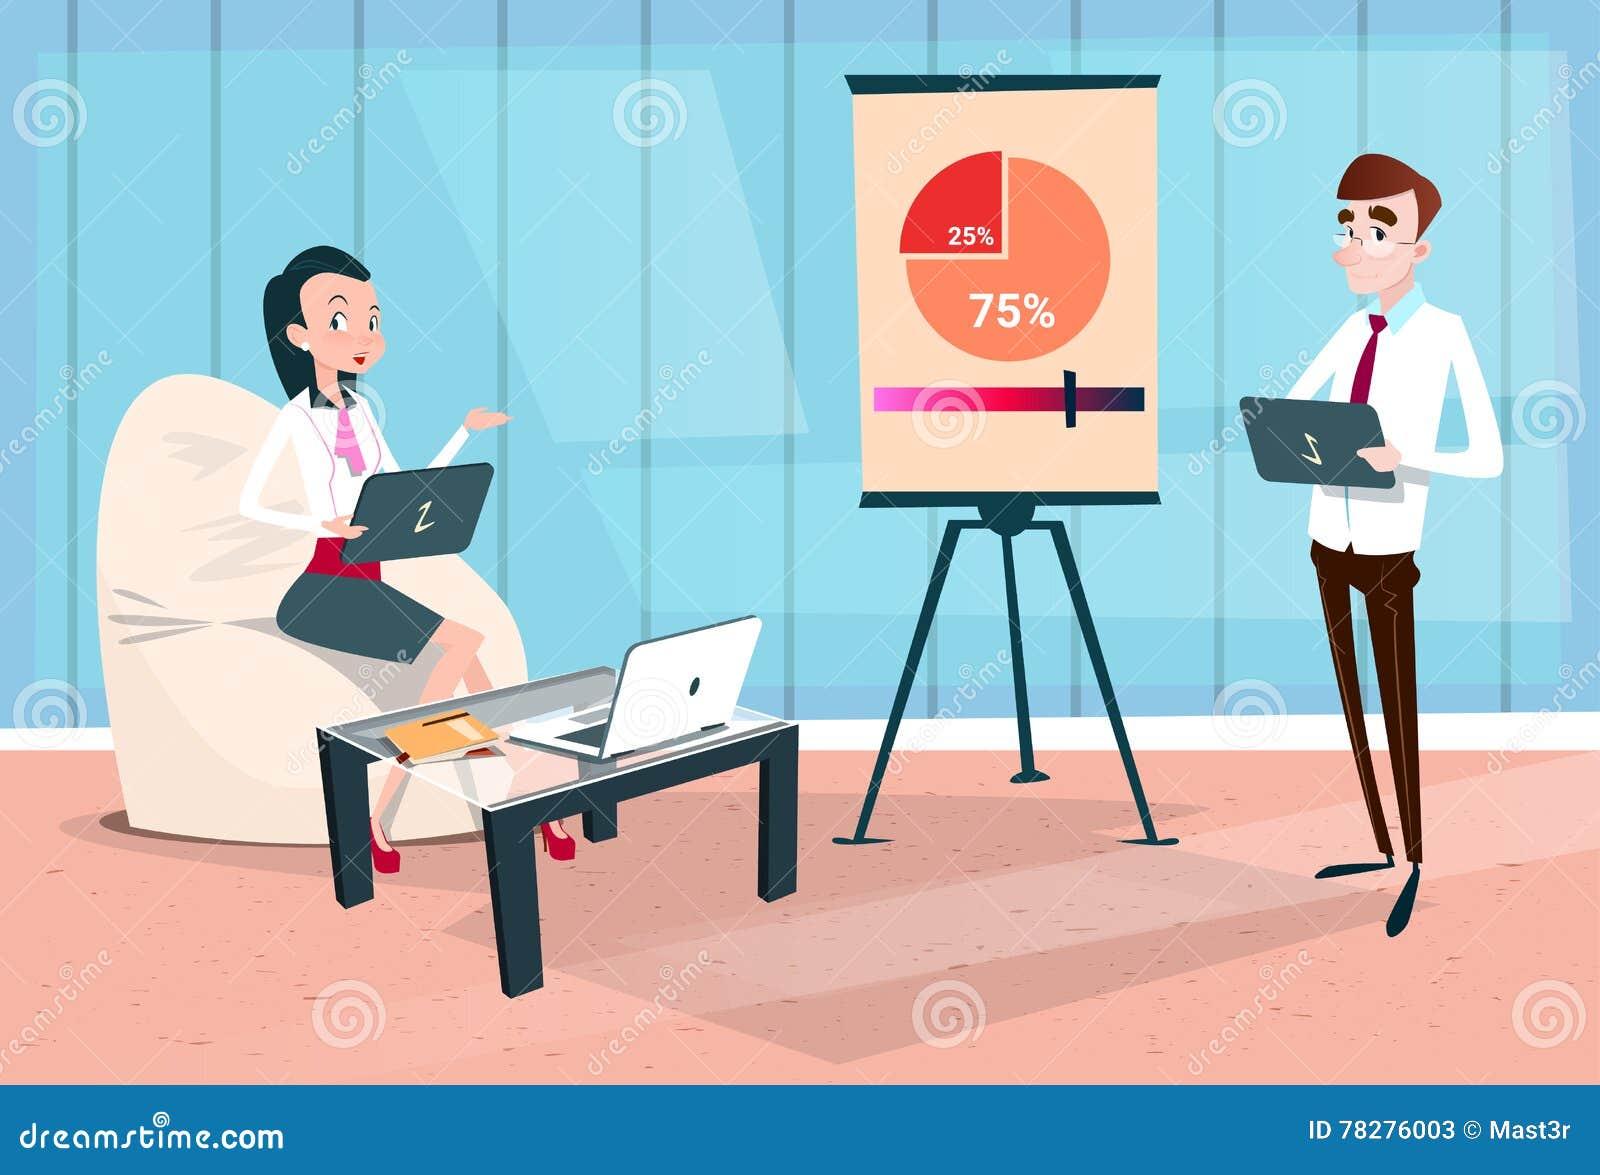 För Team With Flip Chart Seminar för affärsfolk graf för presentation för idékläckning för konferens utbildning finansiell